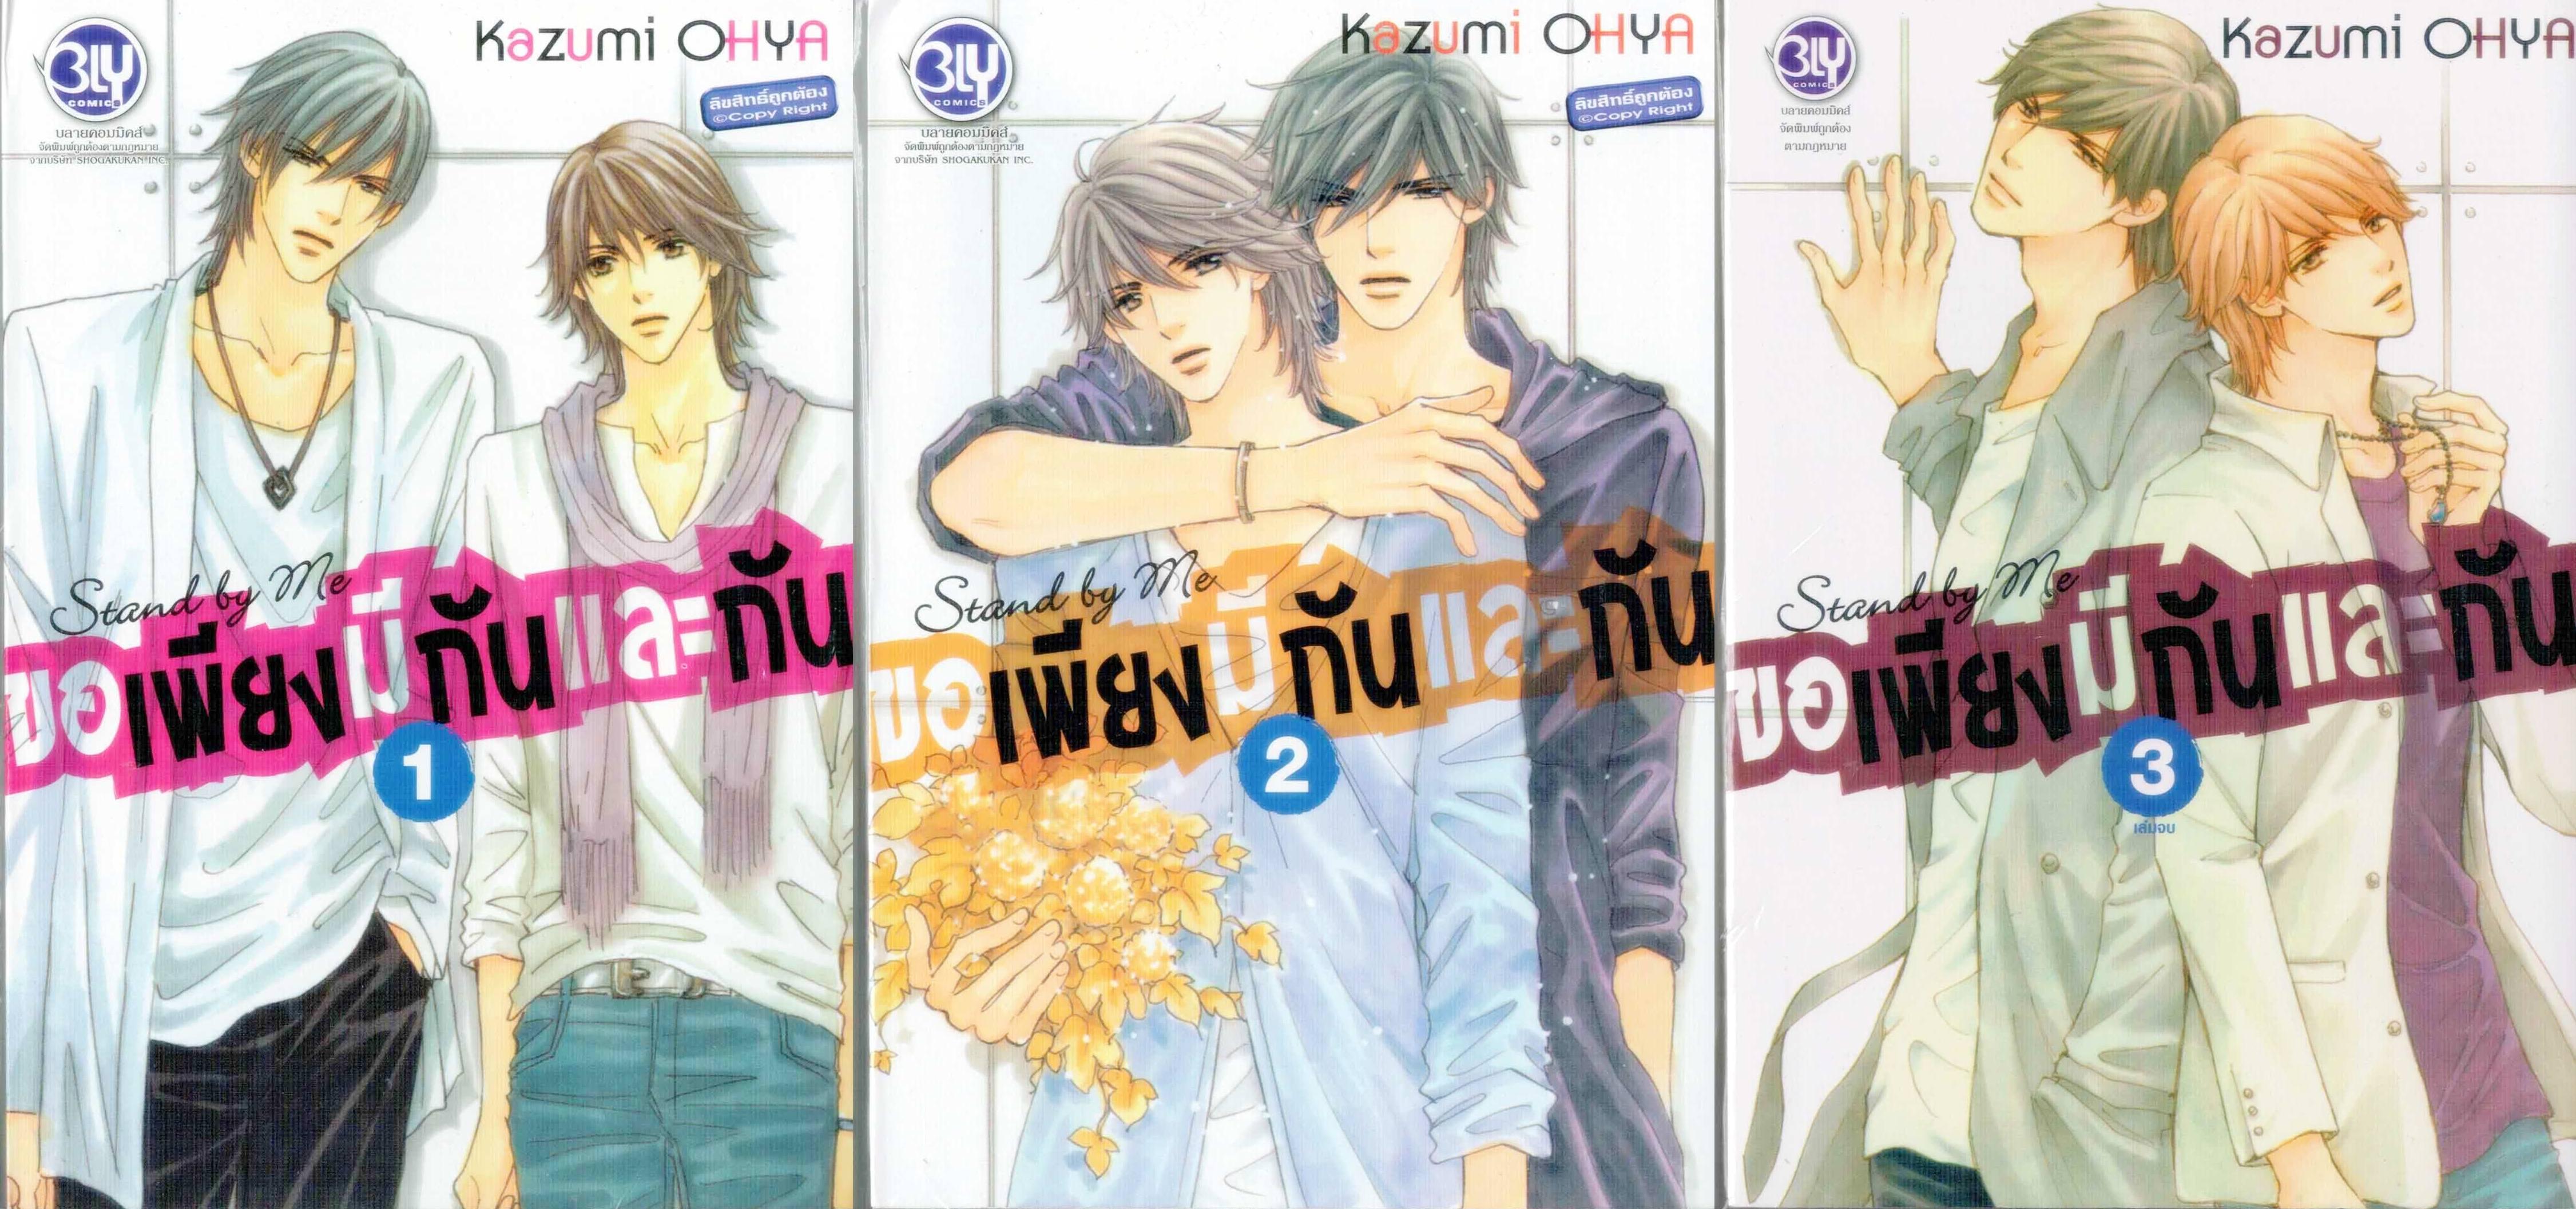 Stand by Me ขอเพียงมีกันและกัน 3 เล่มจบ : Kazumi OHYA